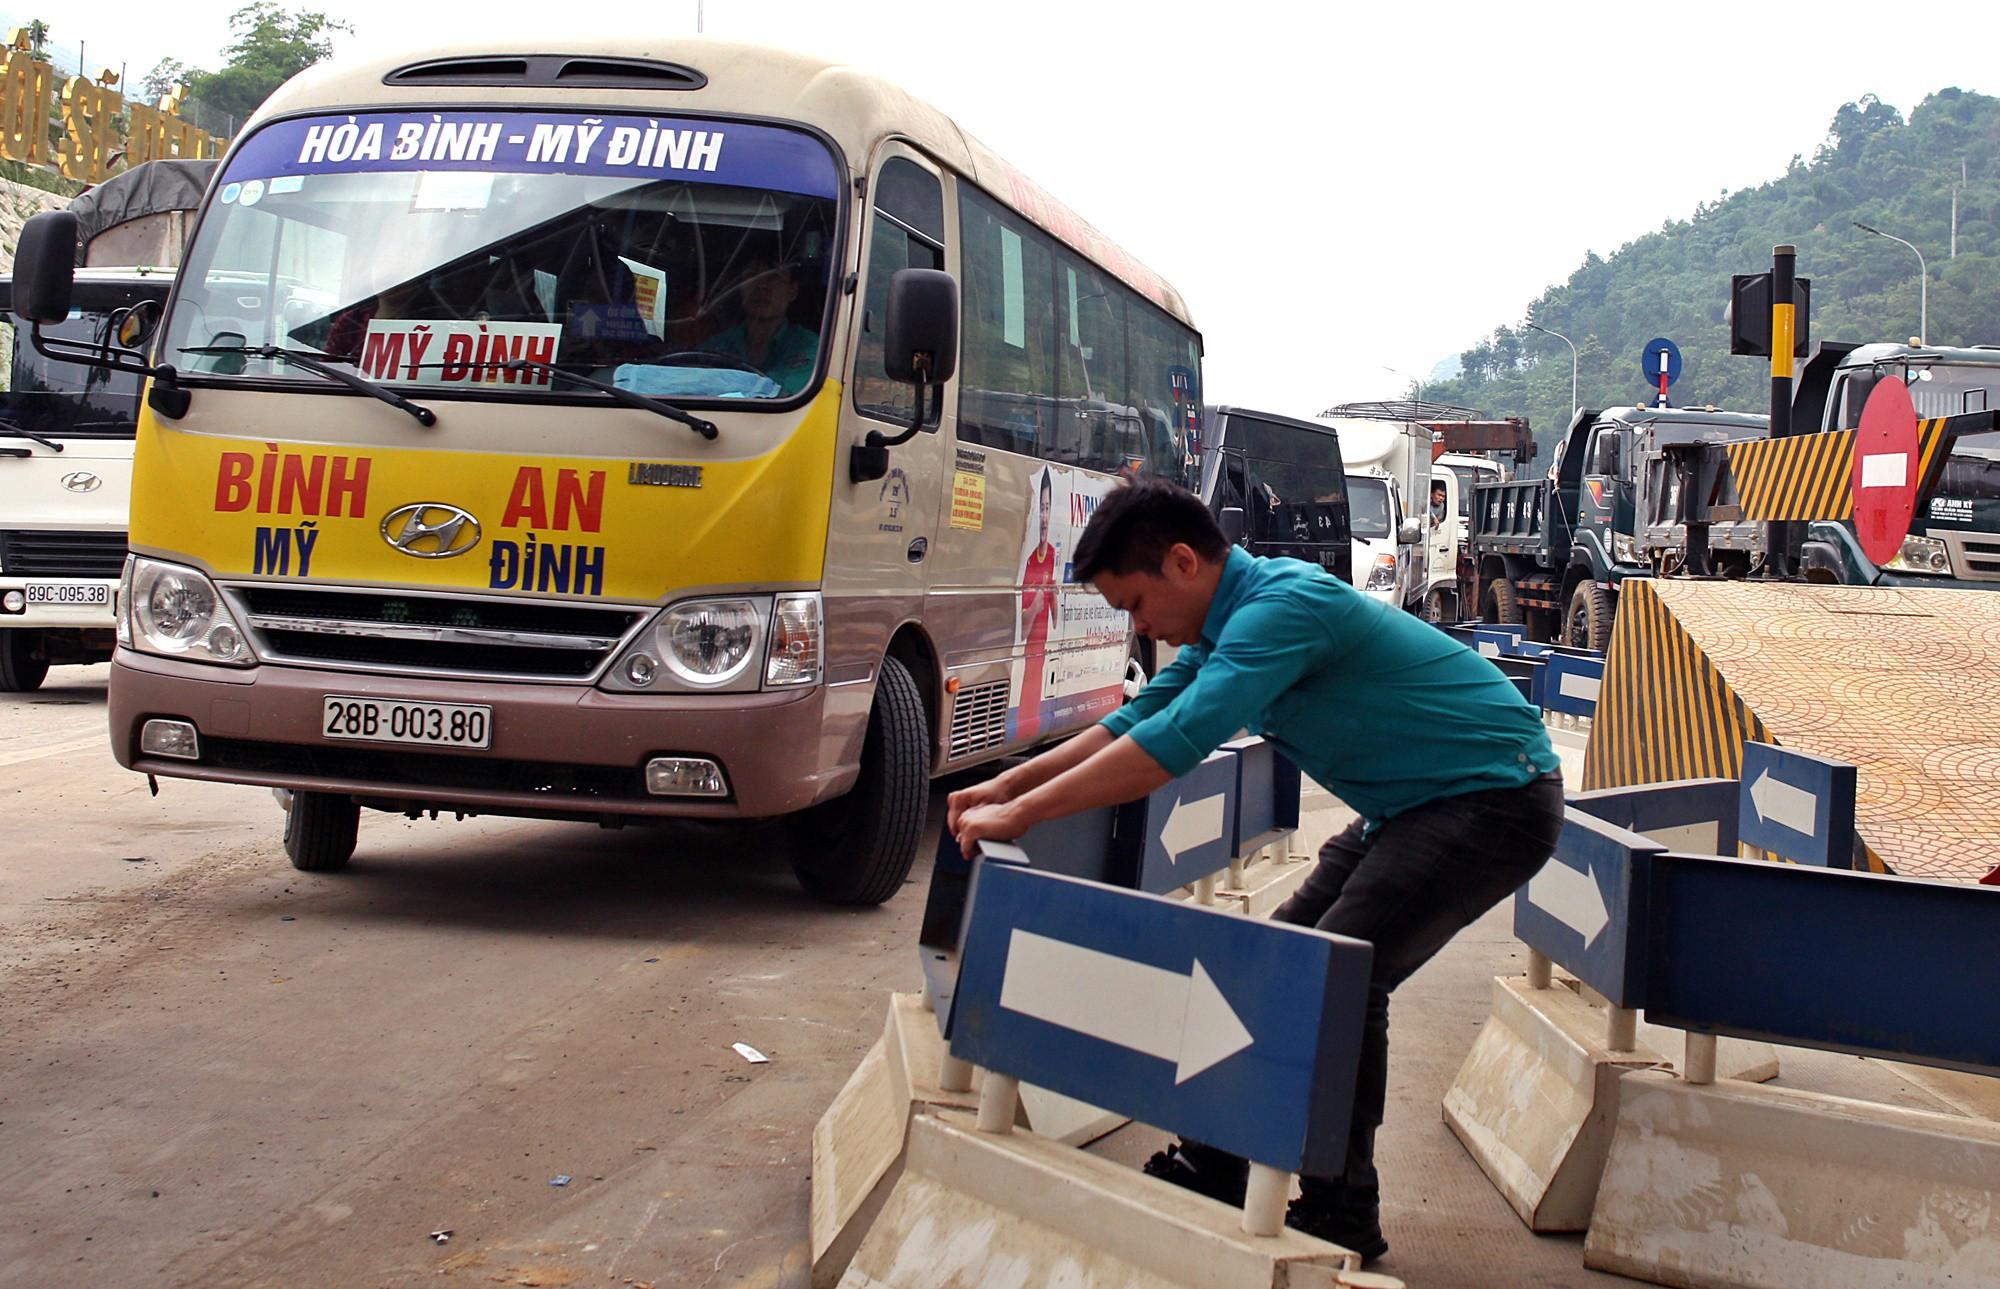 Xe tải chặn làn thu phí BOT Hòa Lạc - Hòa Bình: Nhiều người hì hục kéo dải phân cách để xe đi qua - Ảnh 5.